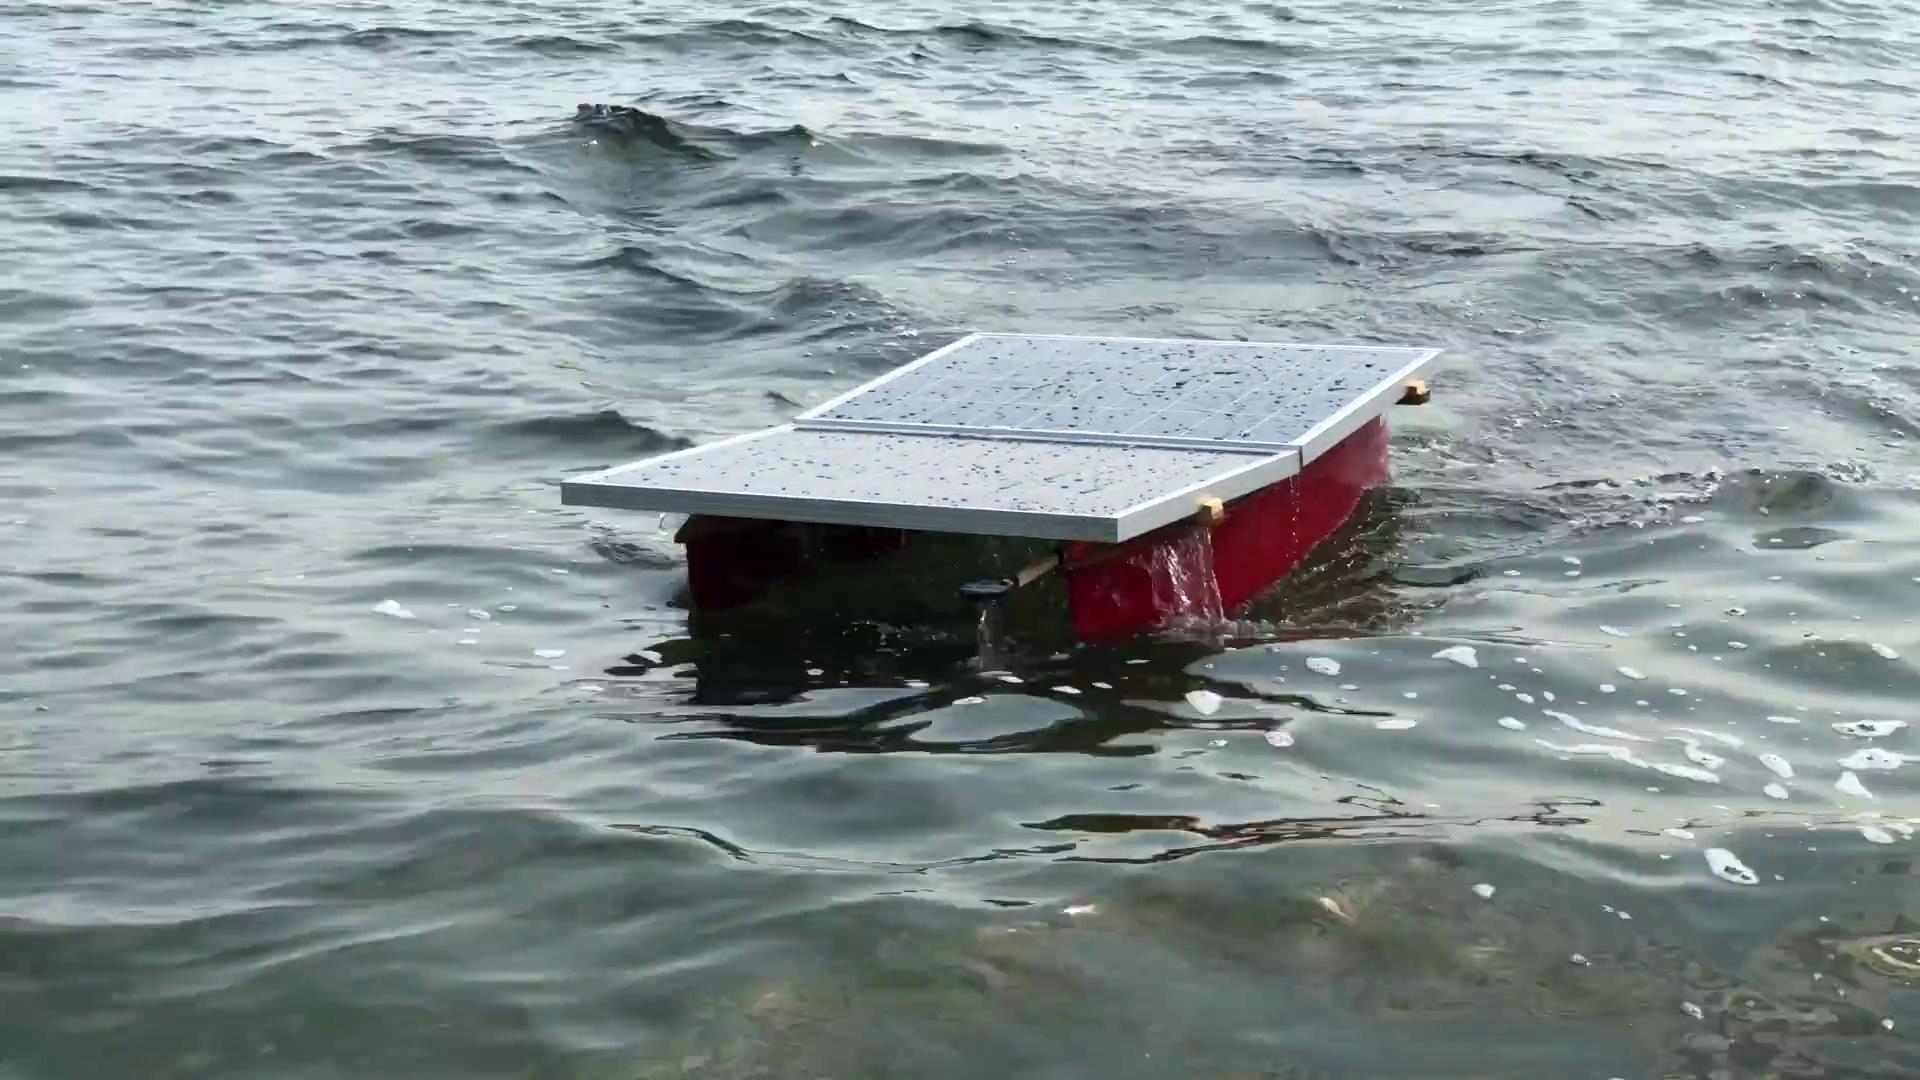 Solar Powered Autonomous Tugboat For Rescuing Autonomous Vessels